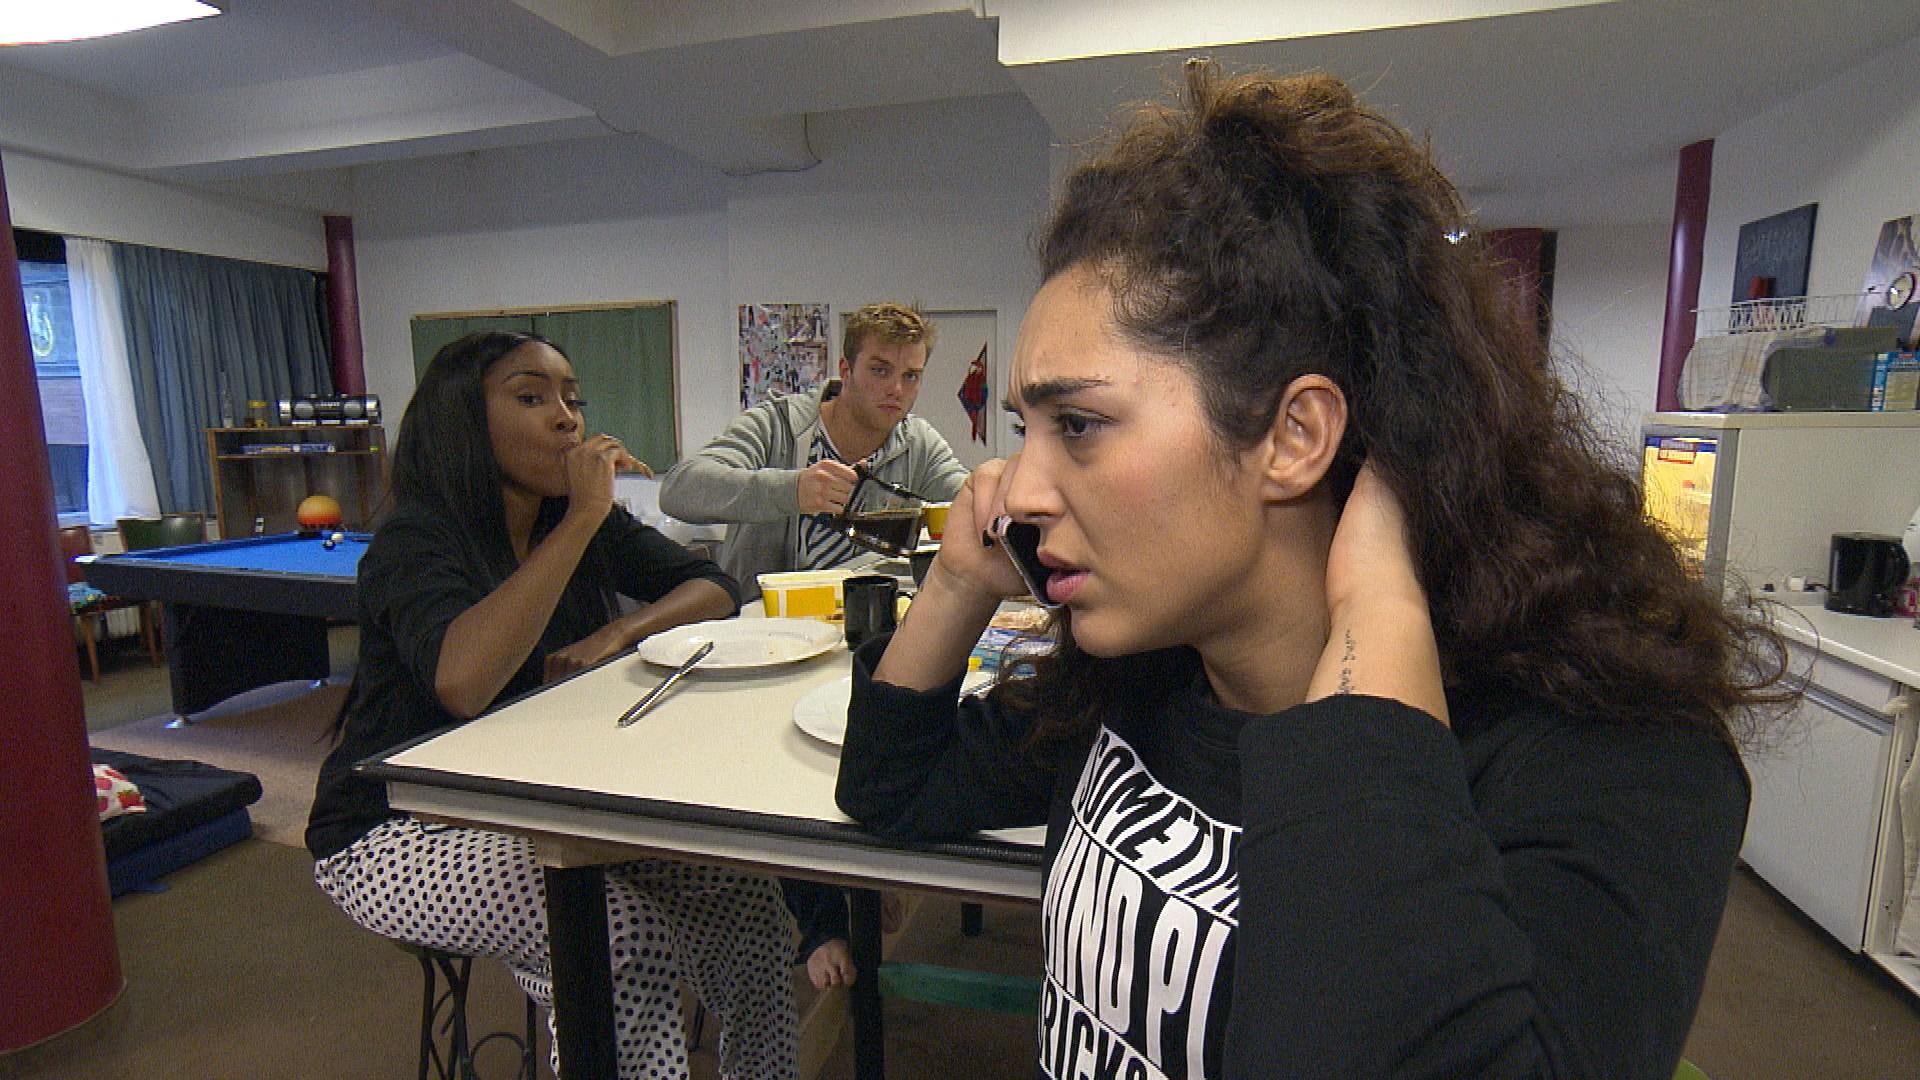 Joleens (re.) Misstrauen wächst, als sie Cem anruft und eine Frau abnimmt. Sie vermutet eine Geliebte... (Quelle: RTL 2)